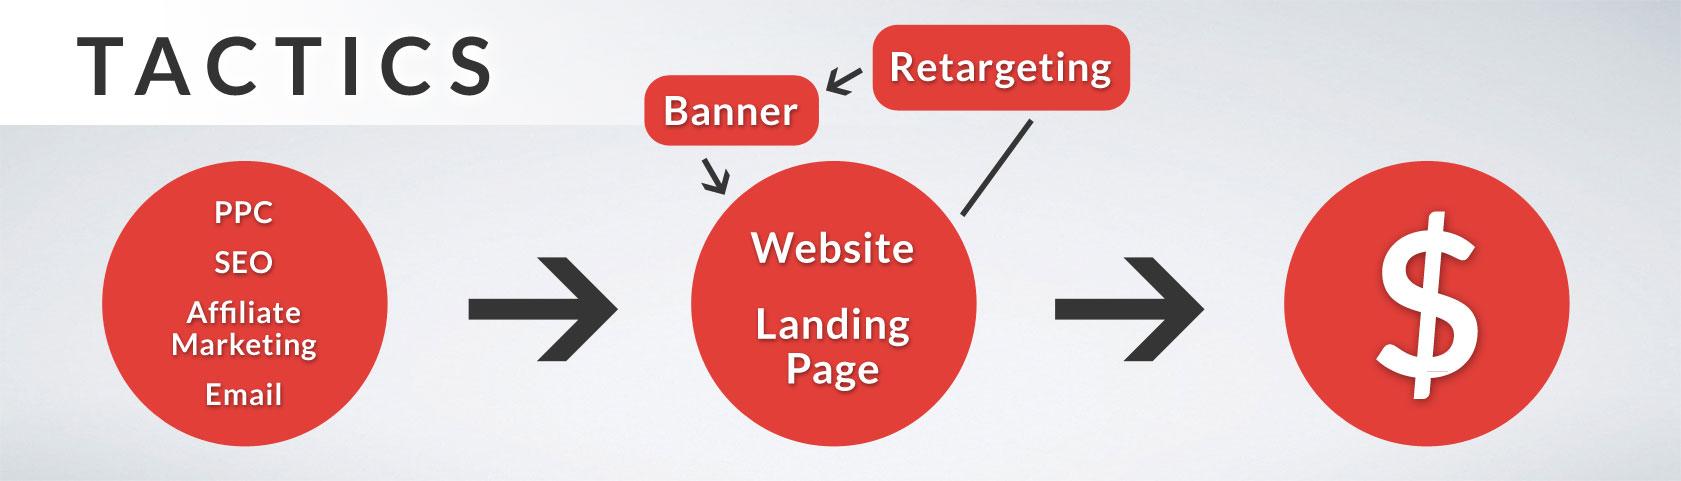 original-sm-banner4-tactics